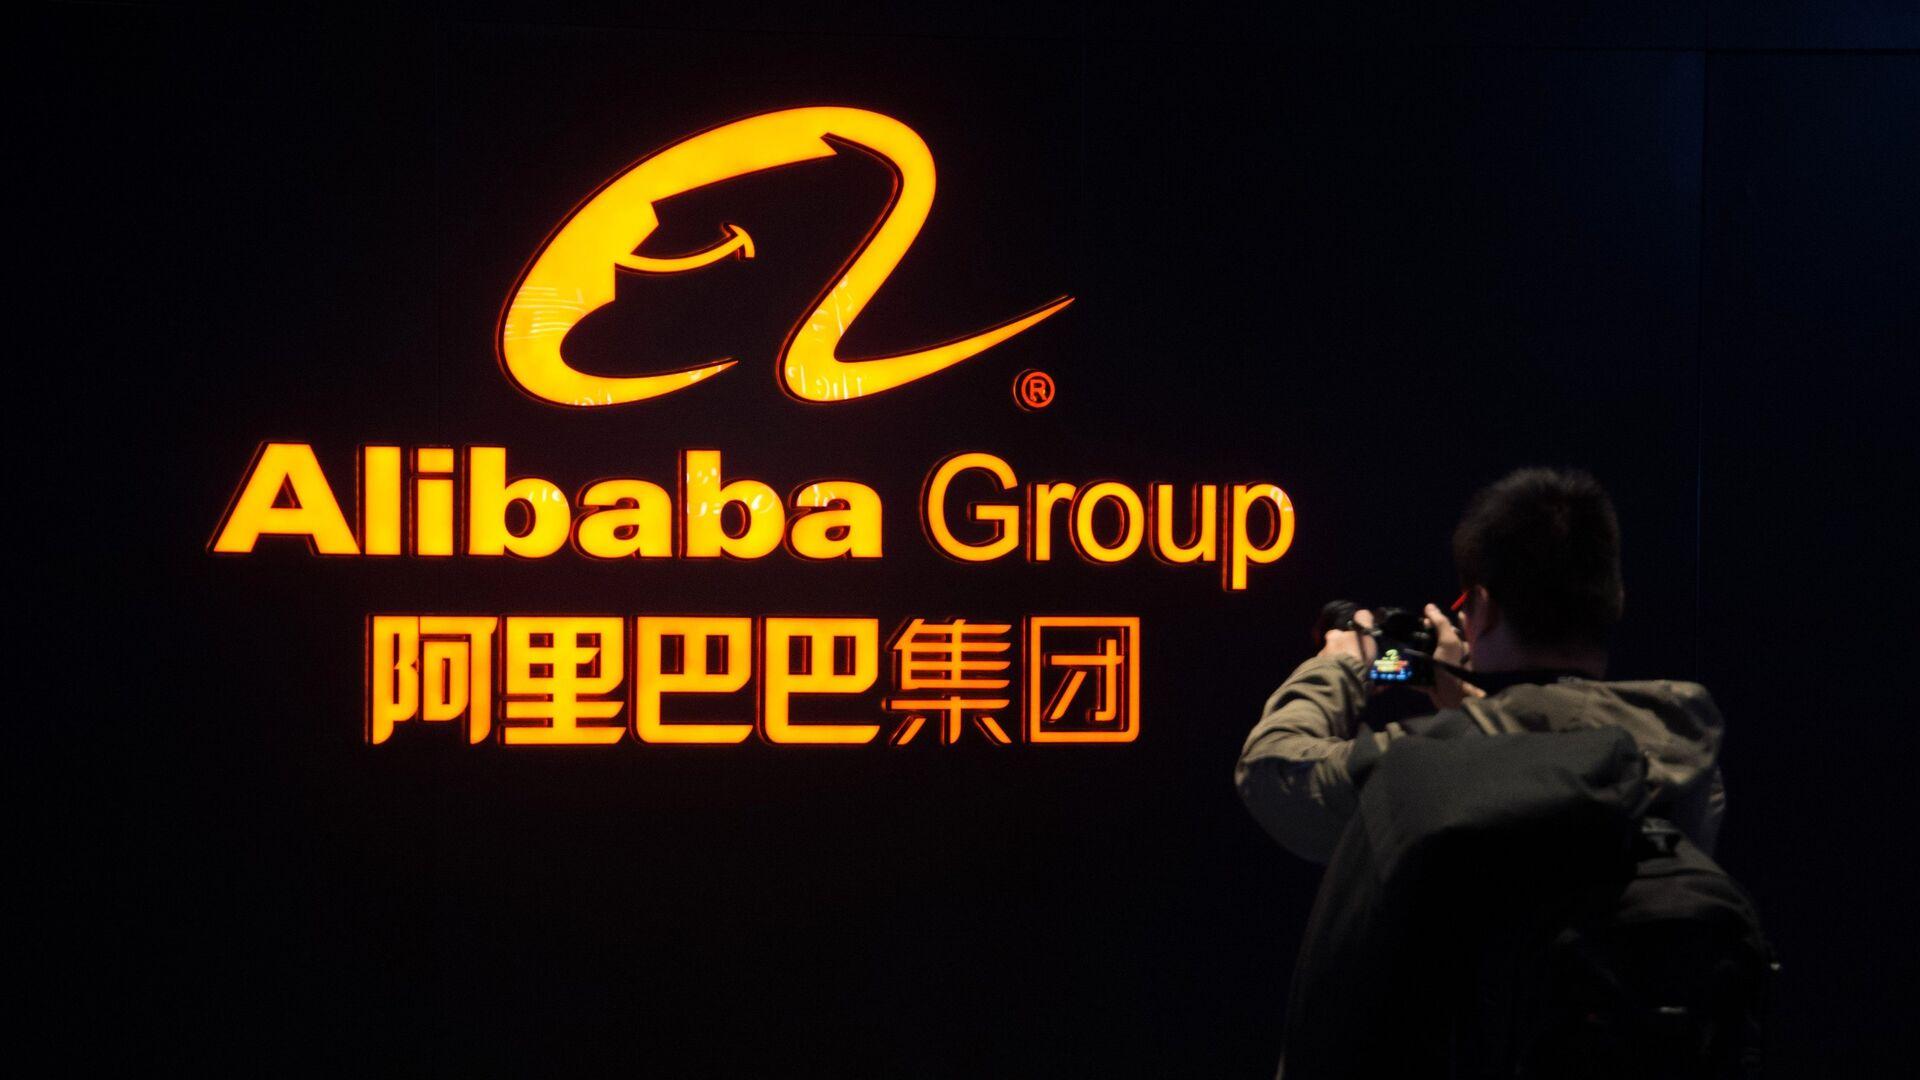 Штаб-квартира компании Alibaba Group в городе Ханчжоу в КНР - РИА Новости, 1920, 10.04.2021